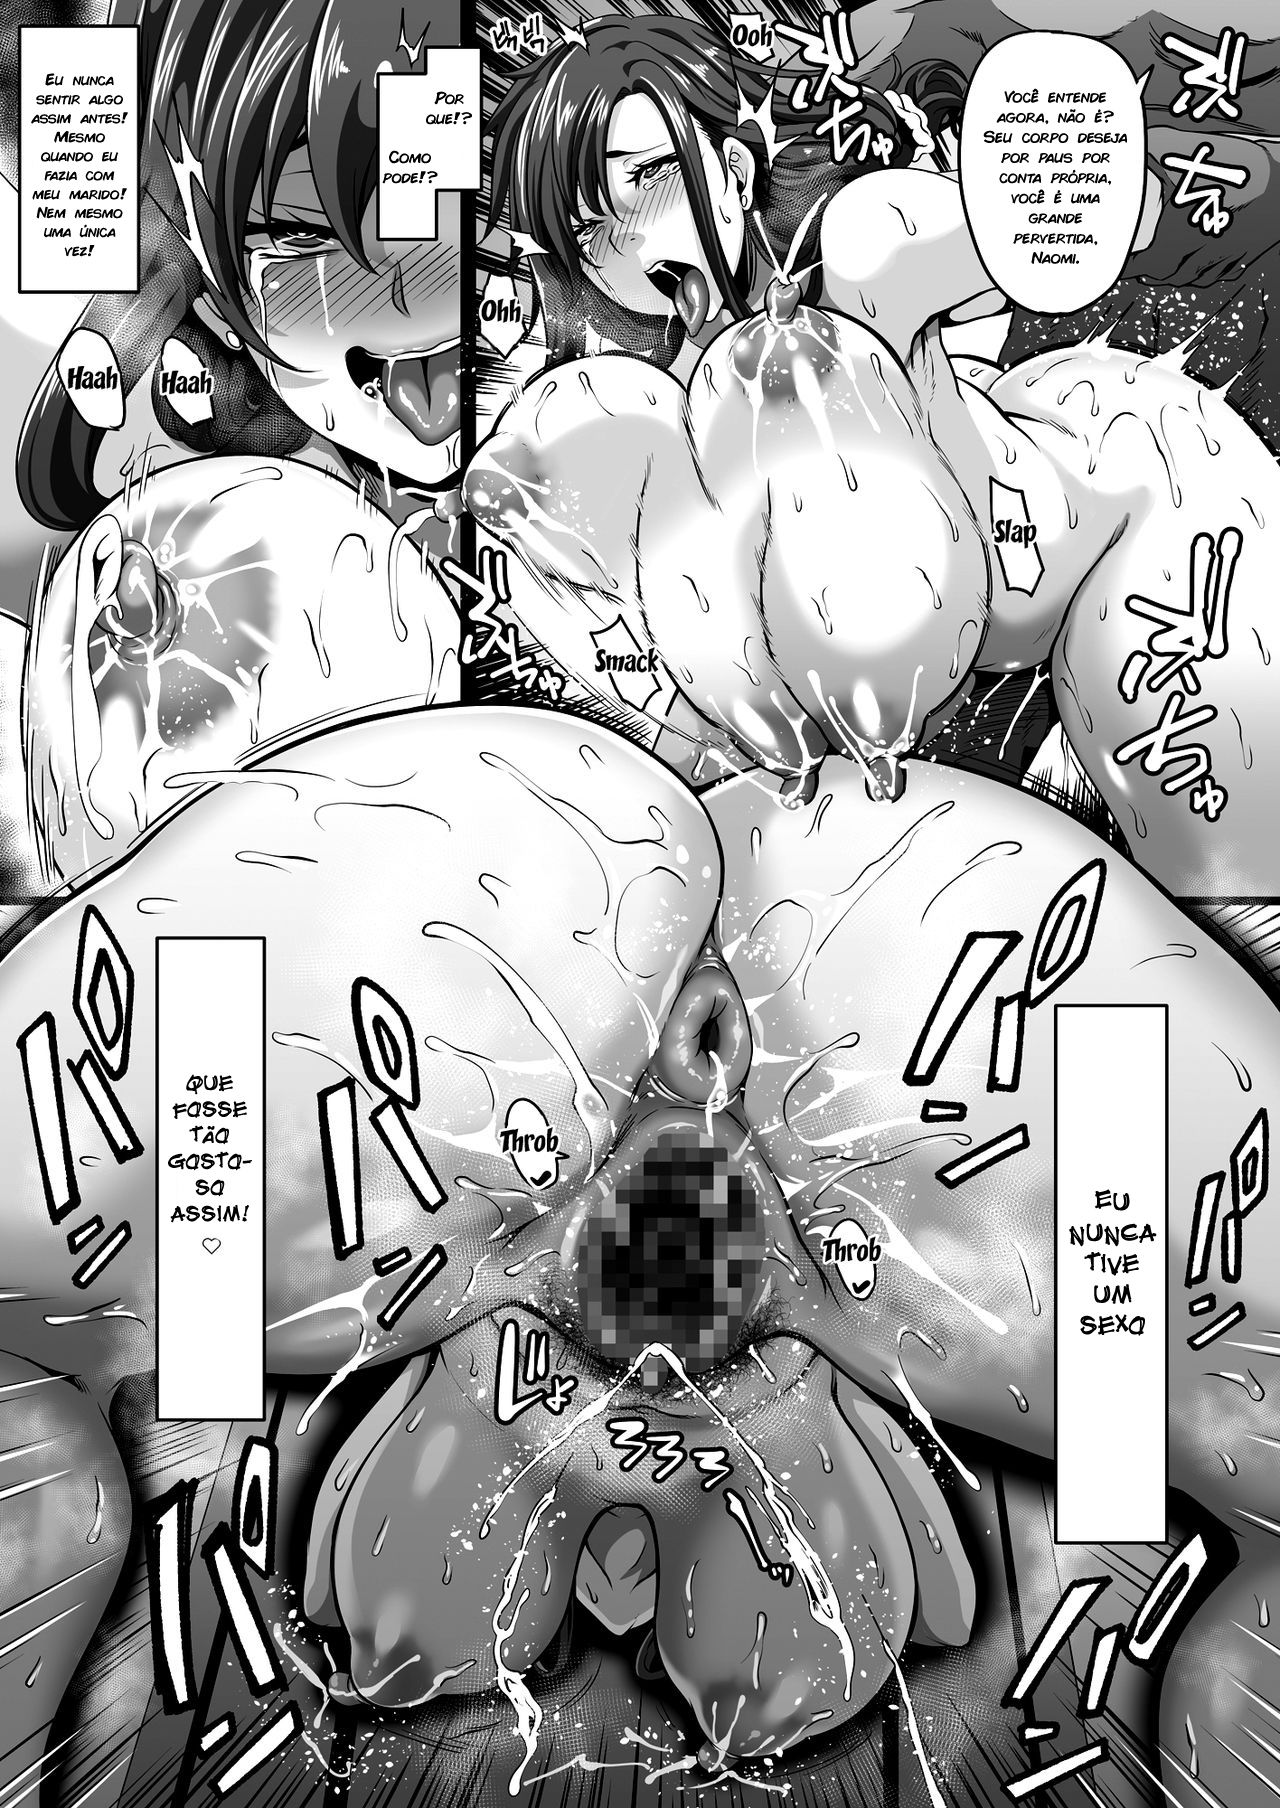 Otonari no Hitozuma o Joushiki Kaihen Appli de Hame Houdai!